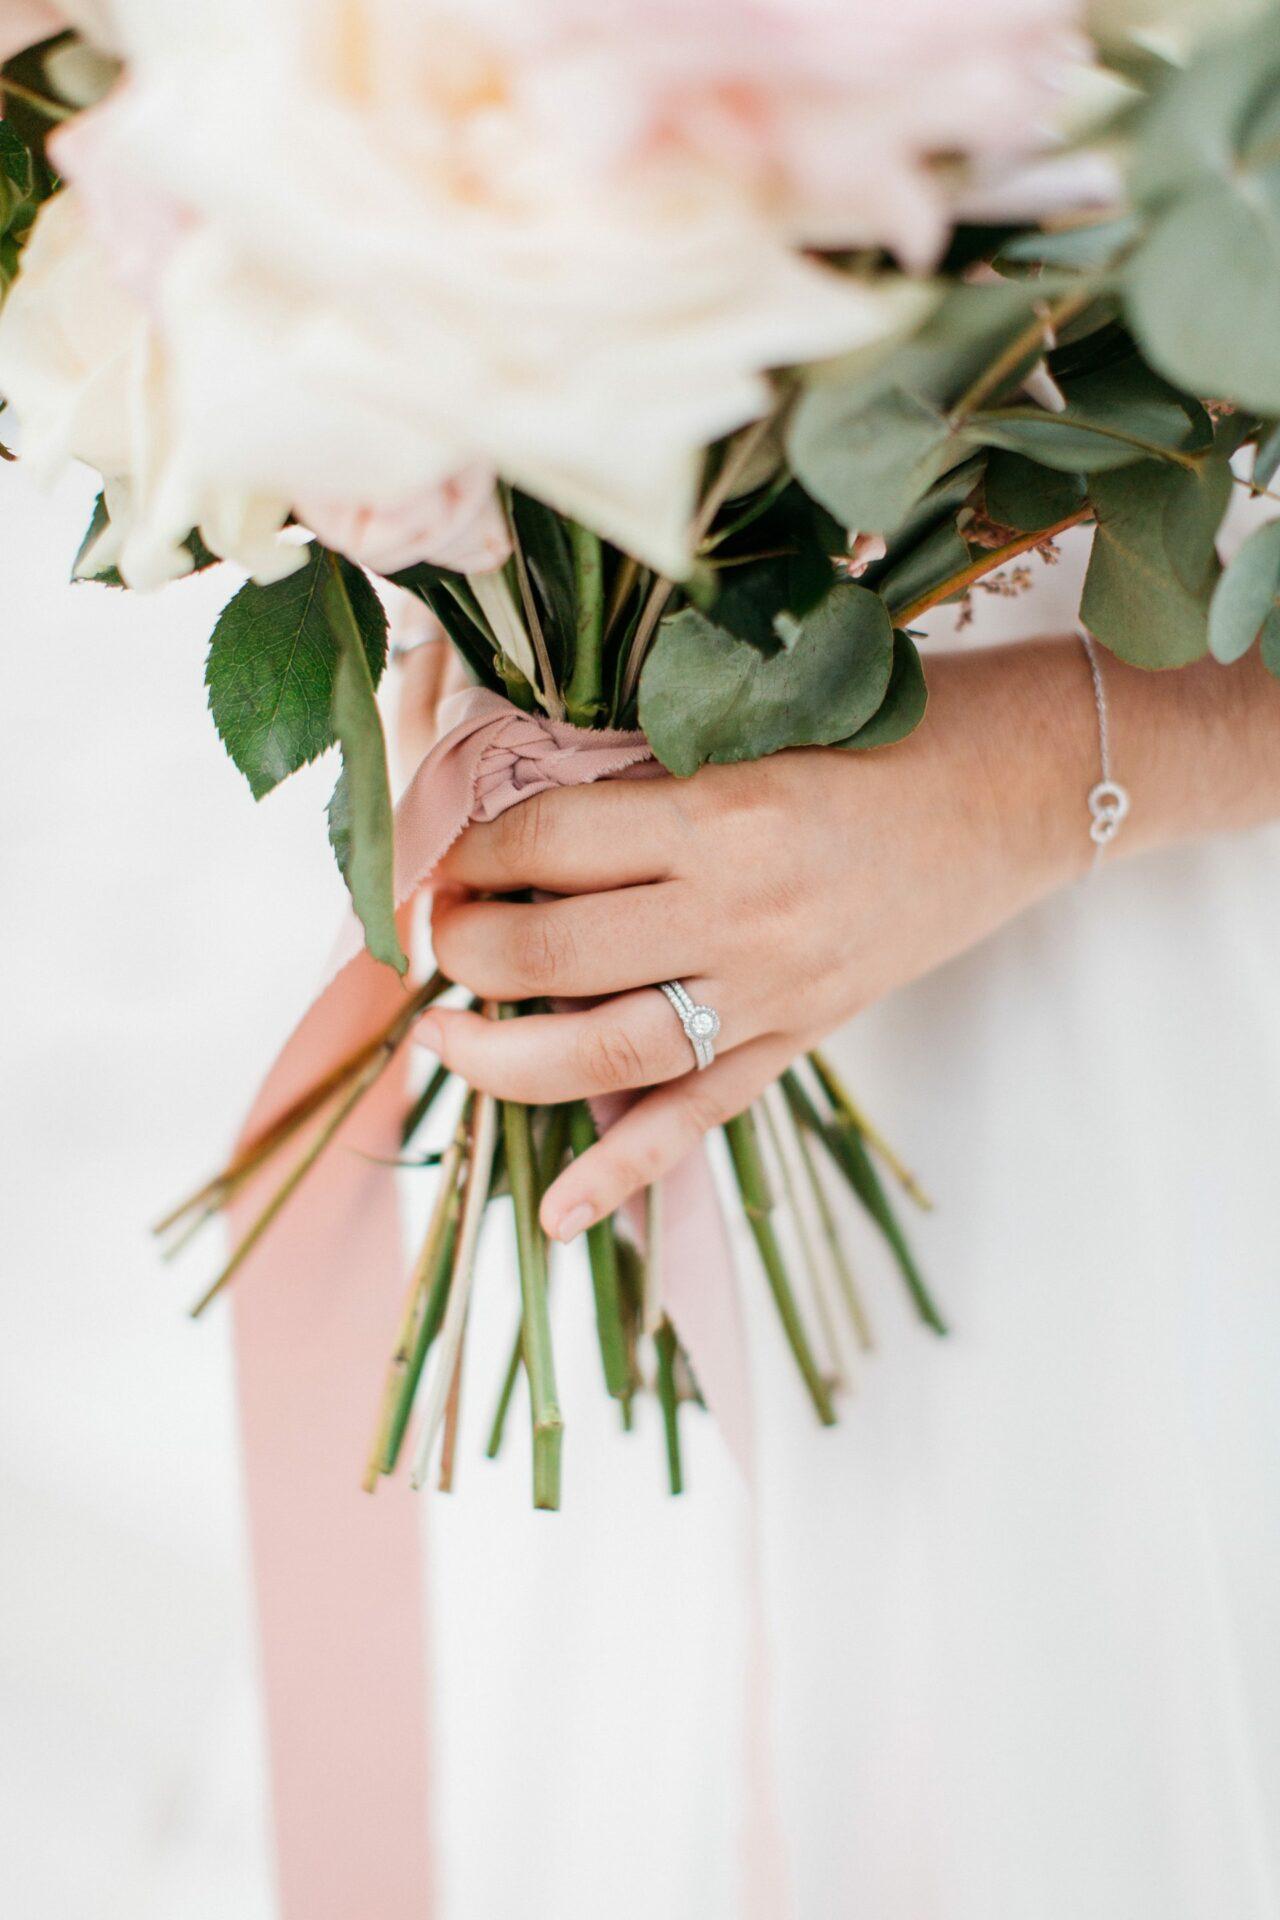 LF 0054 - Mon Studio de Stylisme Floral - Wedding planner - Organisation de Mariage en France, au Luxembourg, en italie, en provence, à la montagne